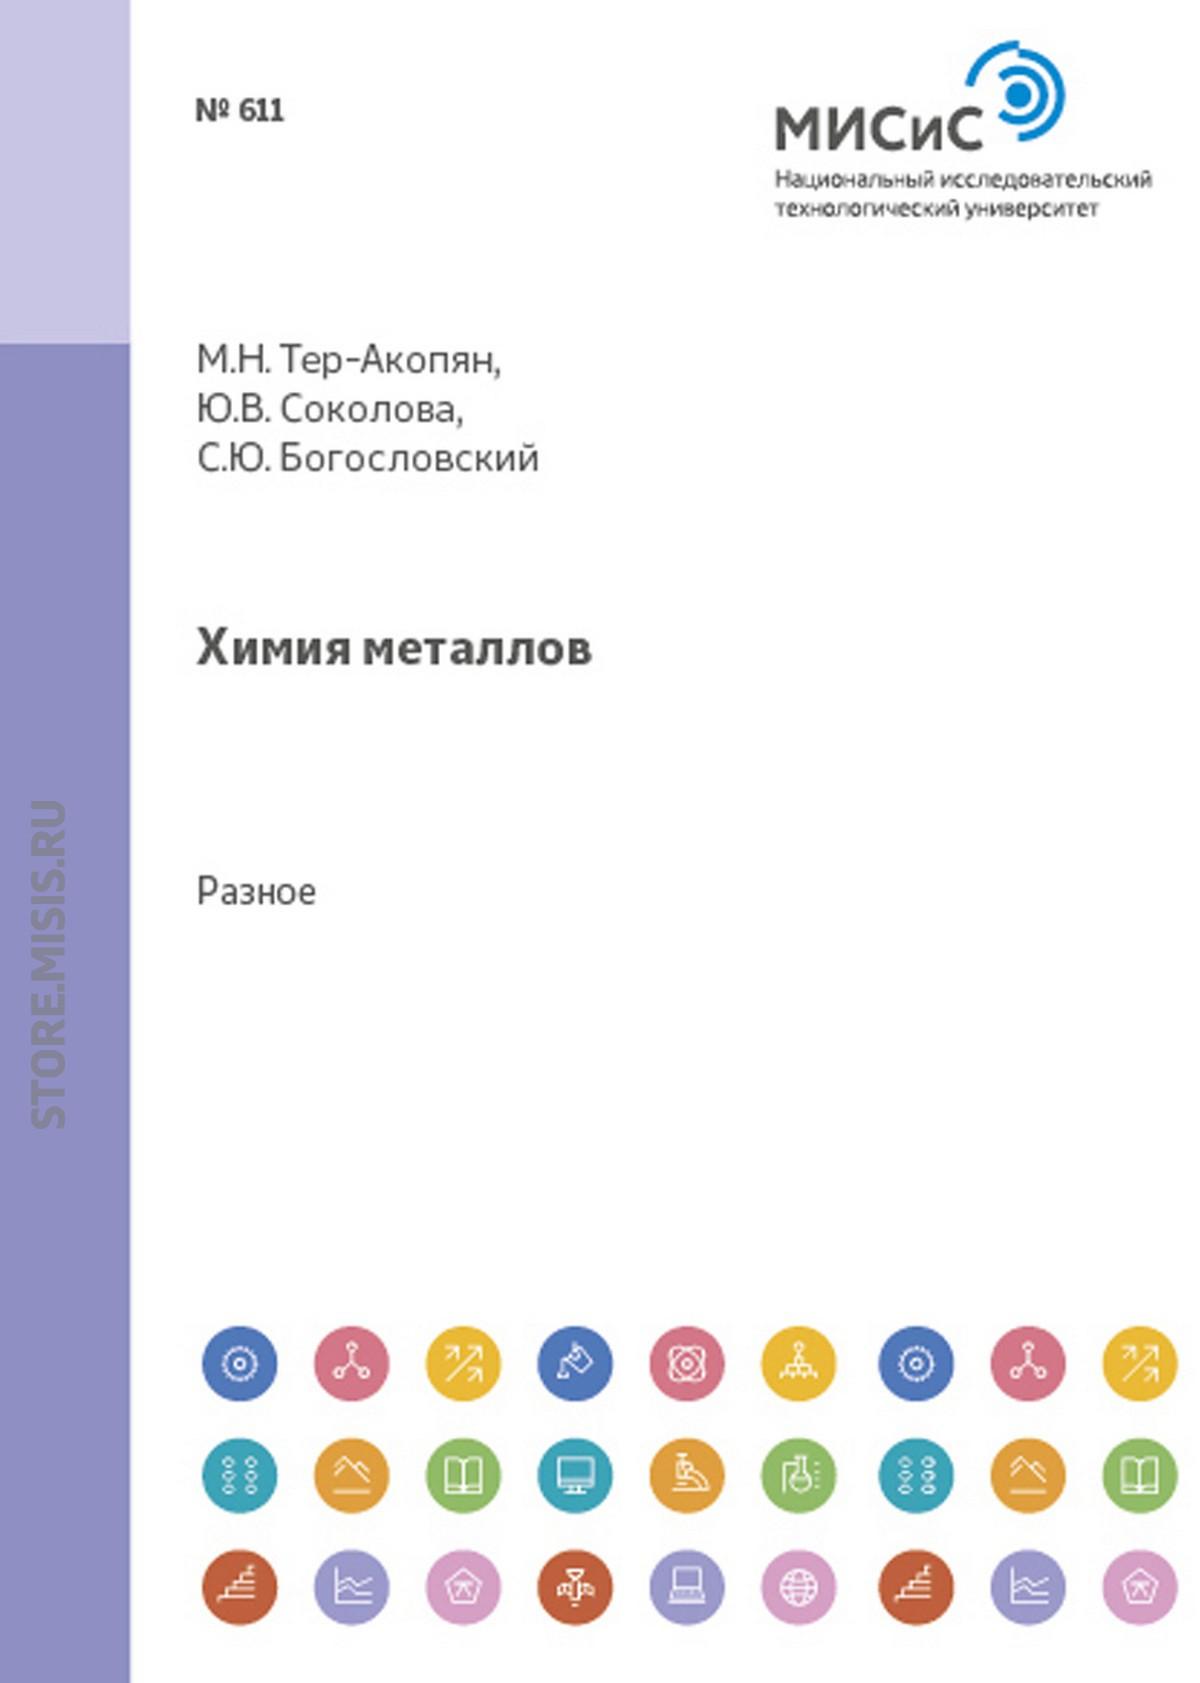 Марина Тер-Акопян Химия металлов. Типовые экзаменационные билеты по неорганической химии с в стаханова общая химия типовые экзаменационные билеты по неорганической химии